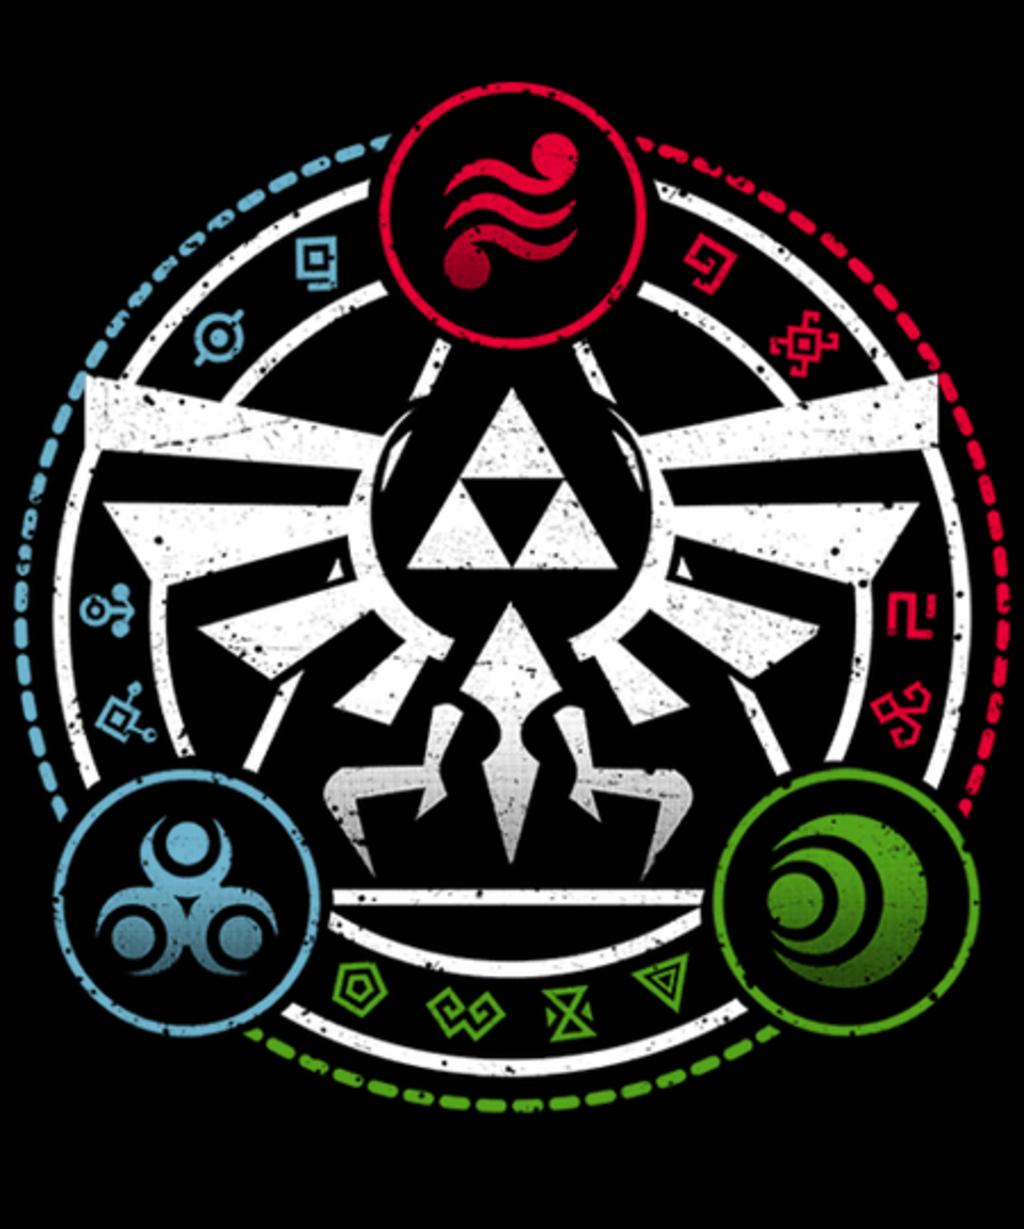 Qwertee: Triforce